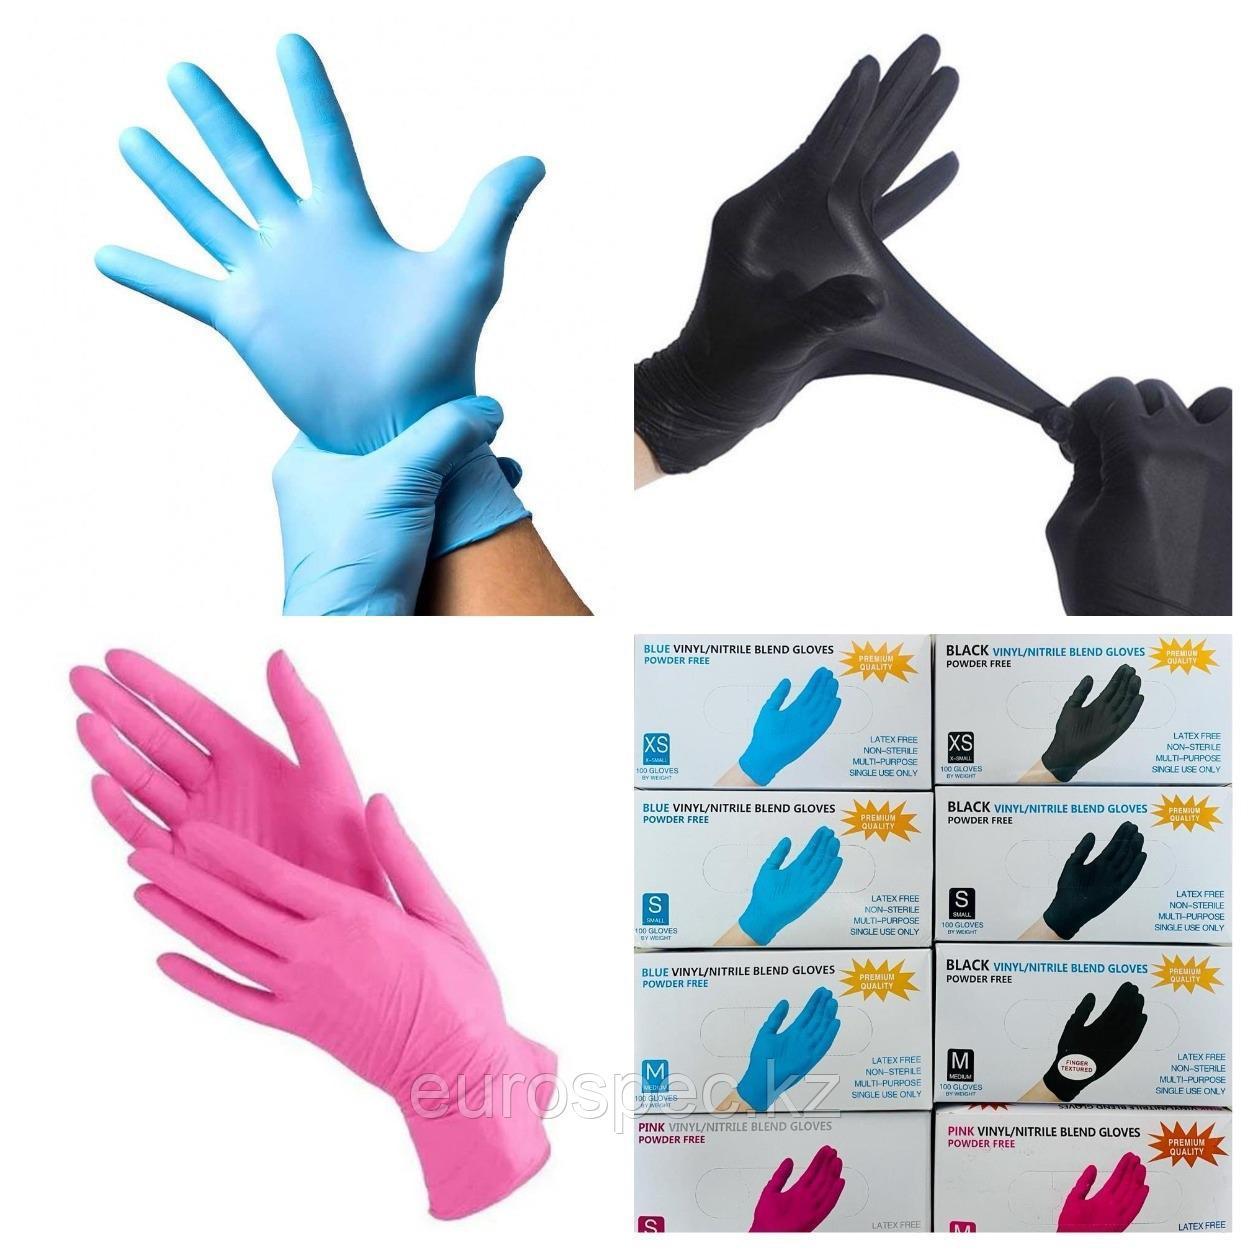 Медицинские перчатки, нитриловые/виниловые Wally Plastic и Unex, отличное качество!